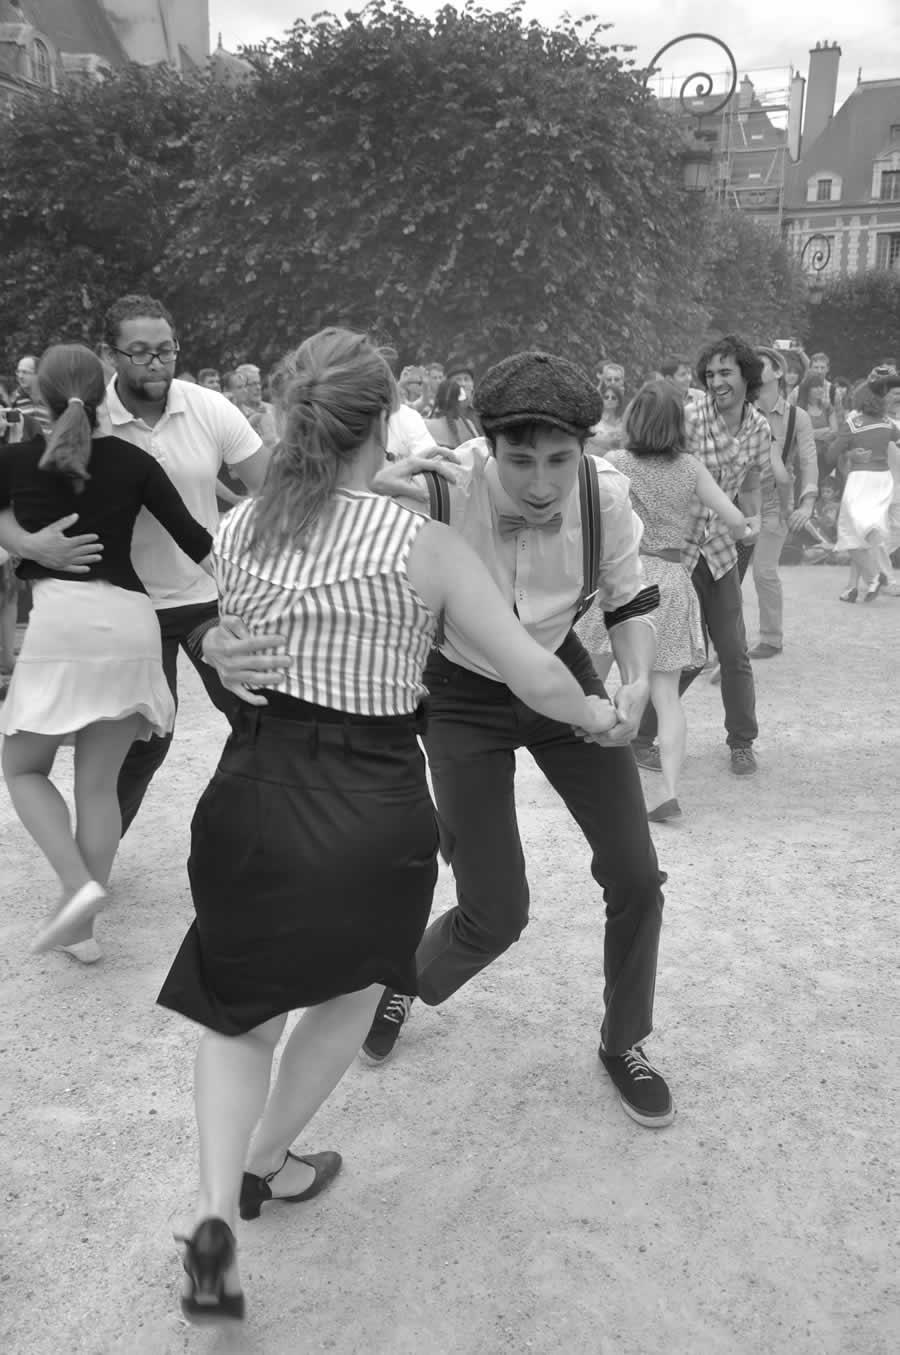 Danseurs swing, FIBRES de Paris Festival Jazz